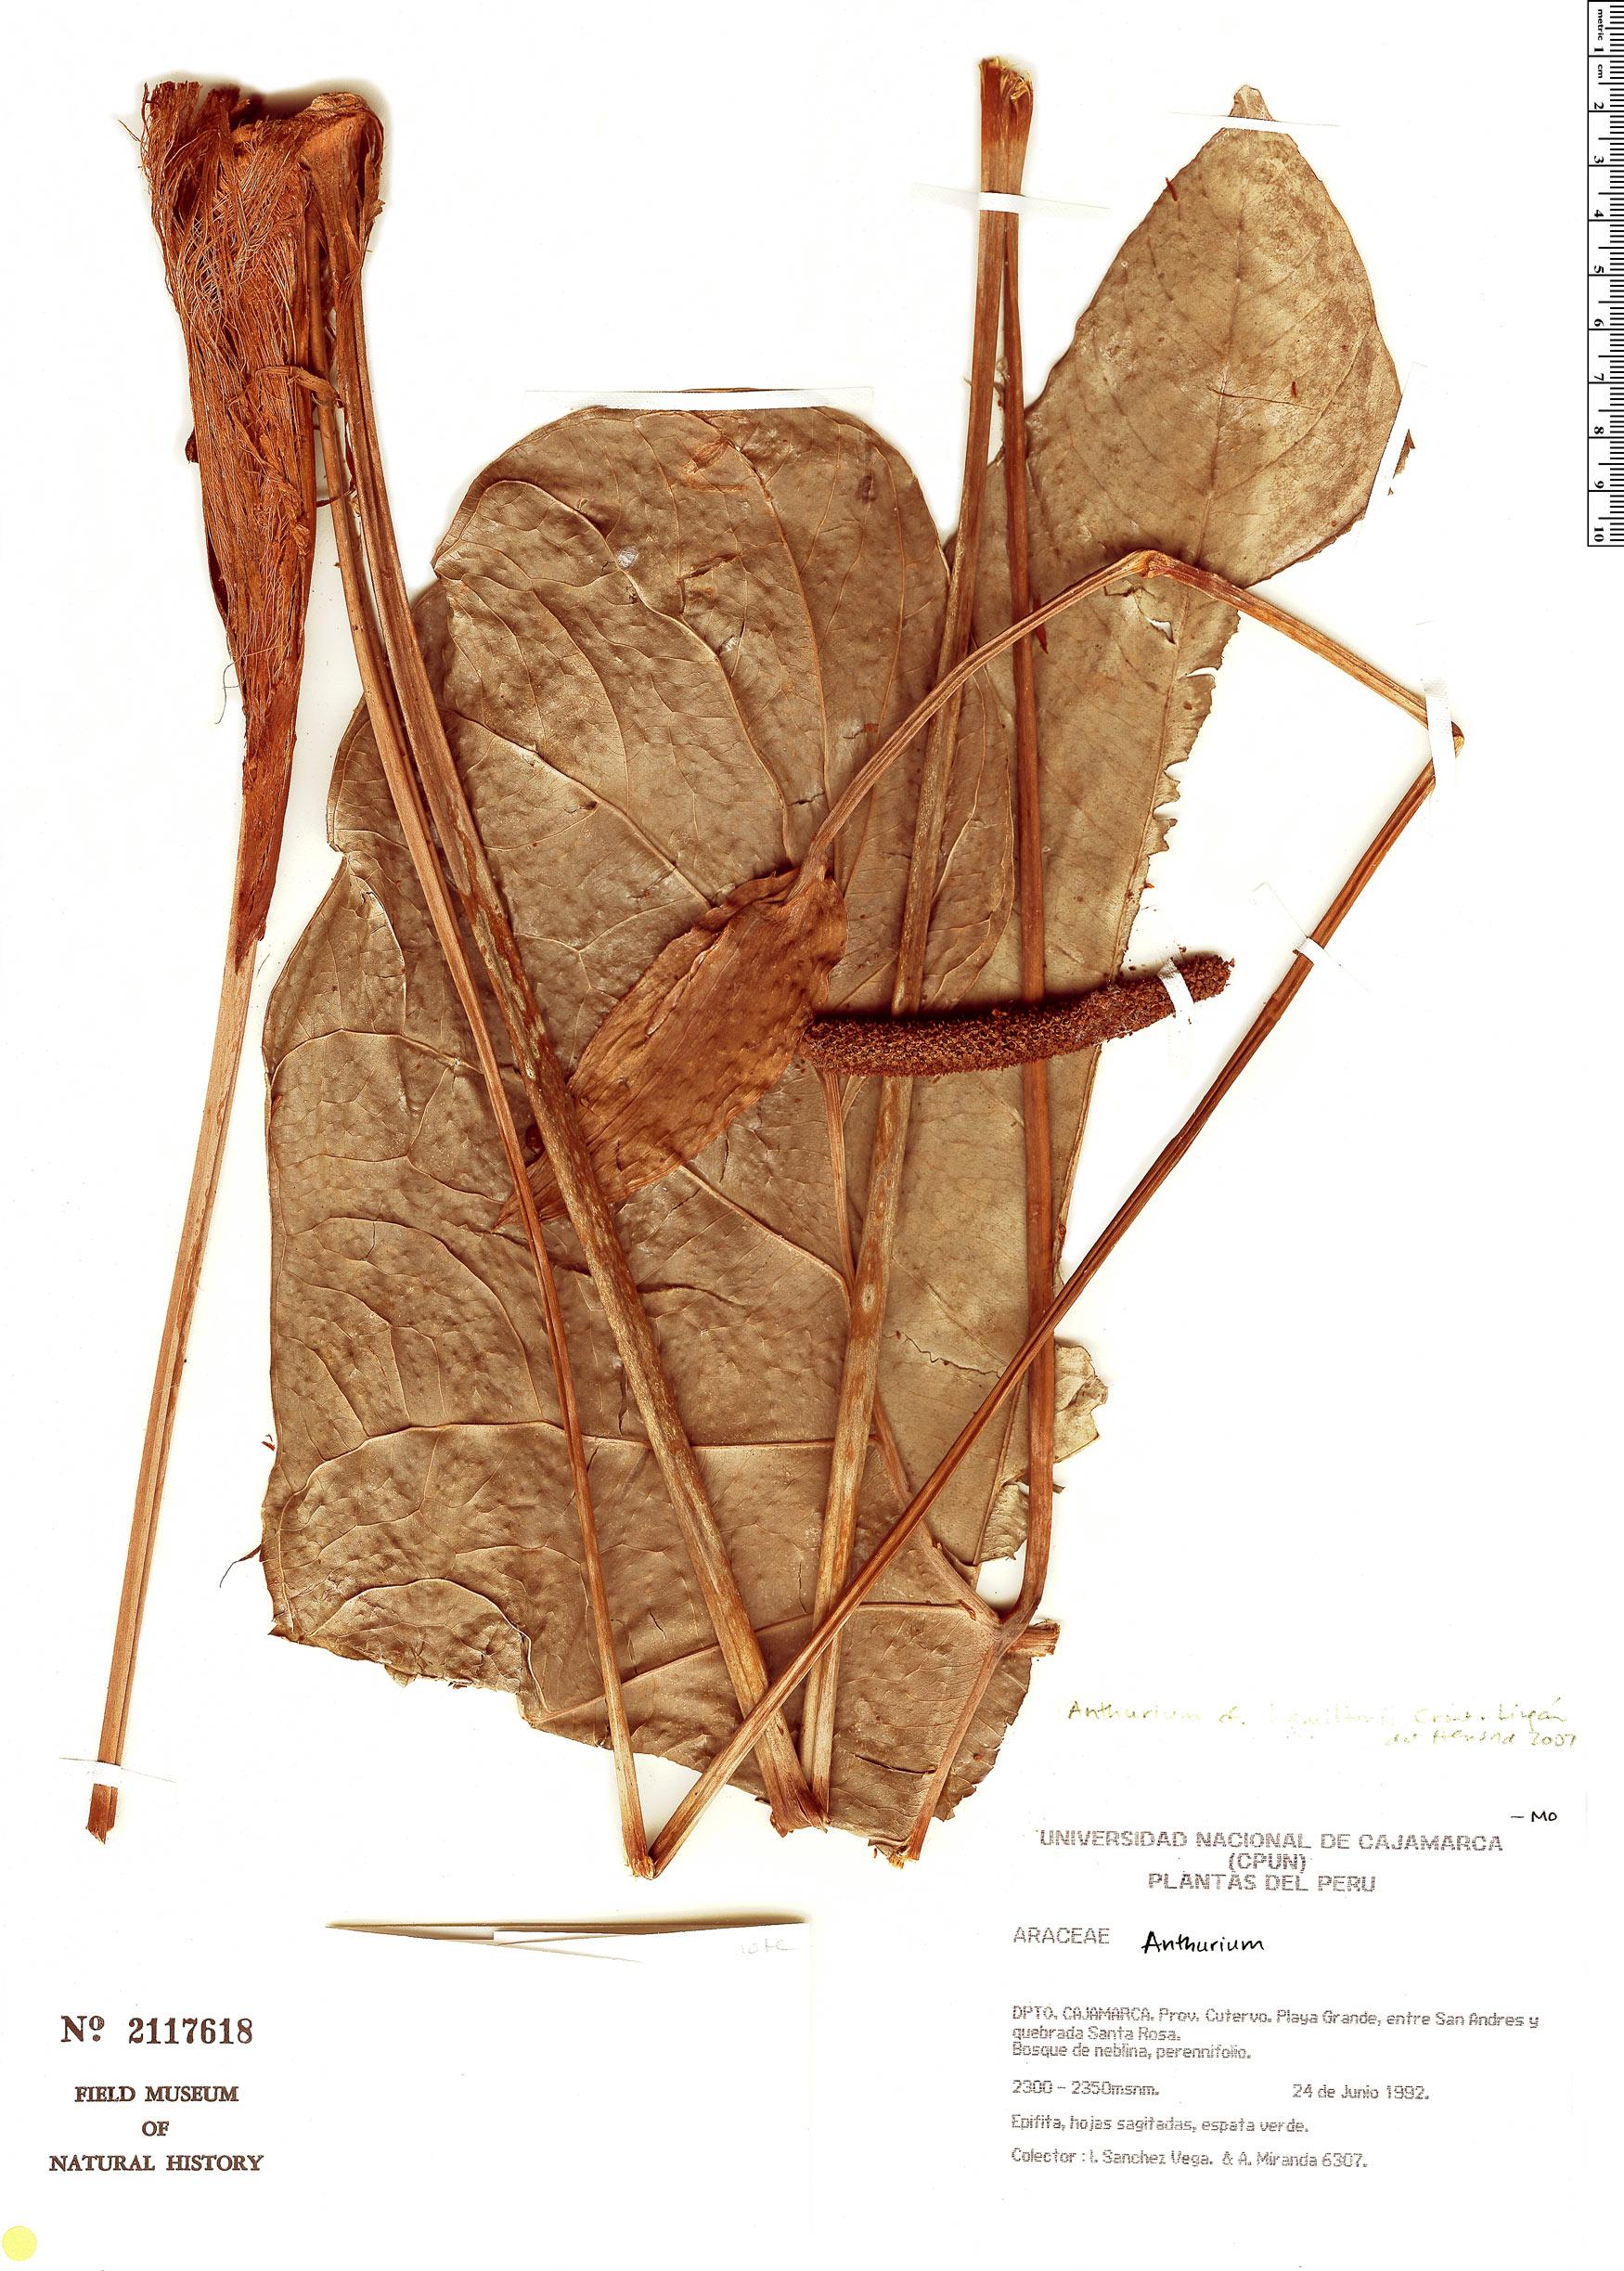 Specimen: Anthurium hamiltonii